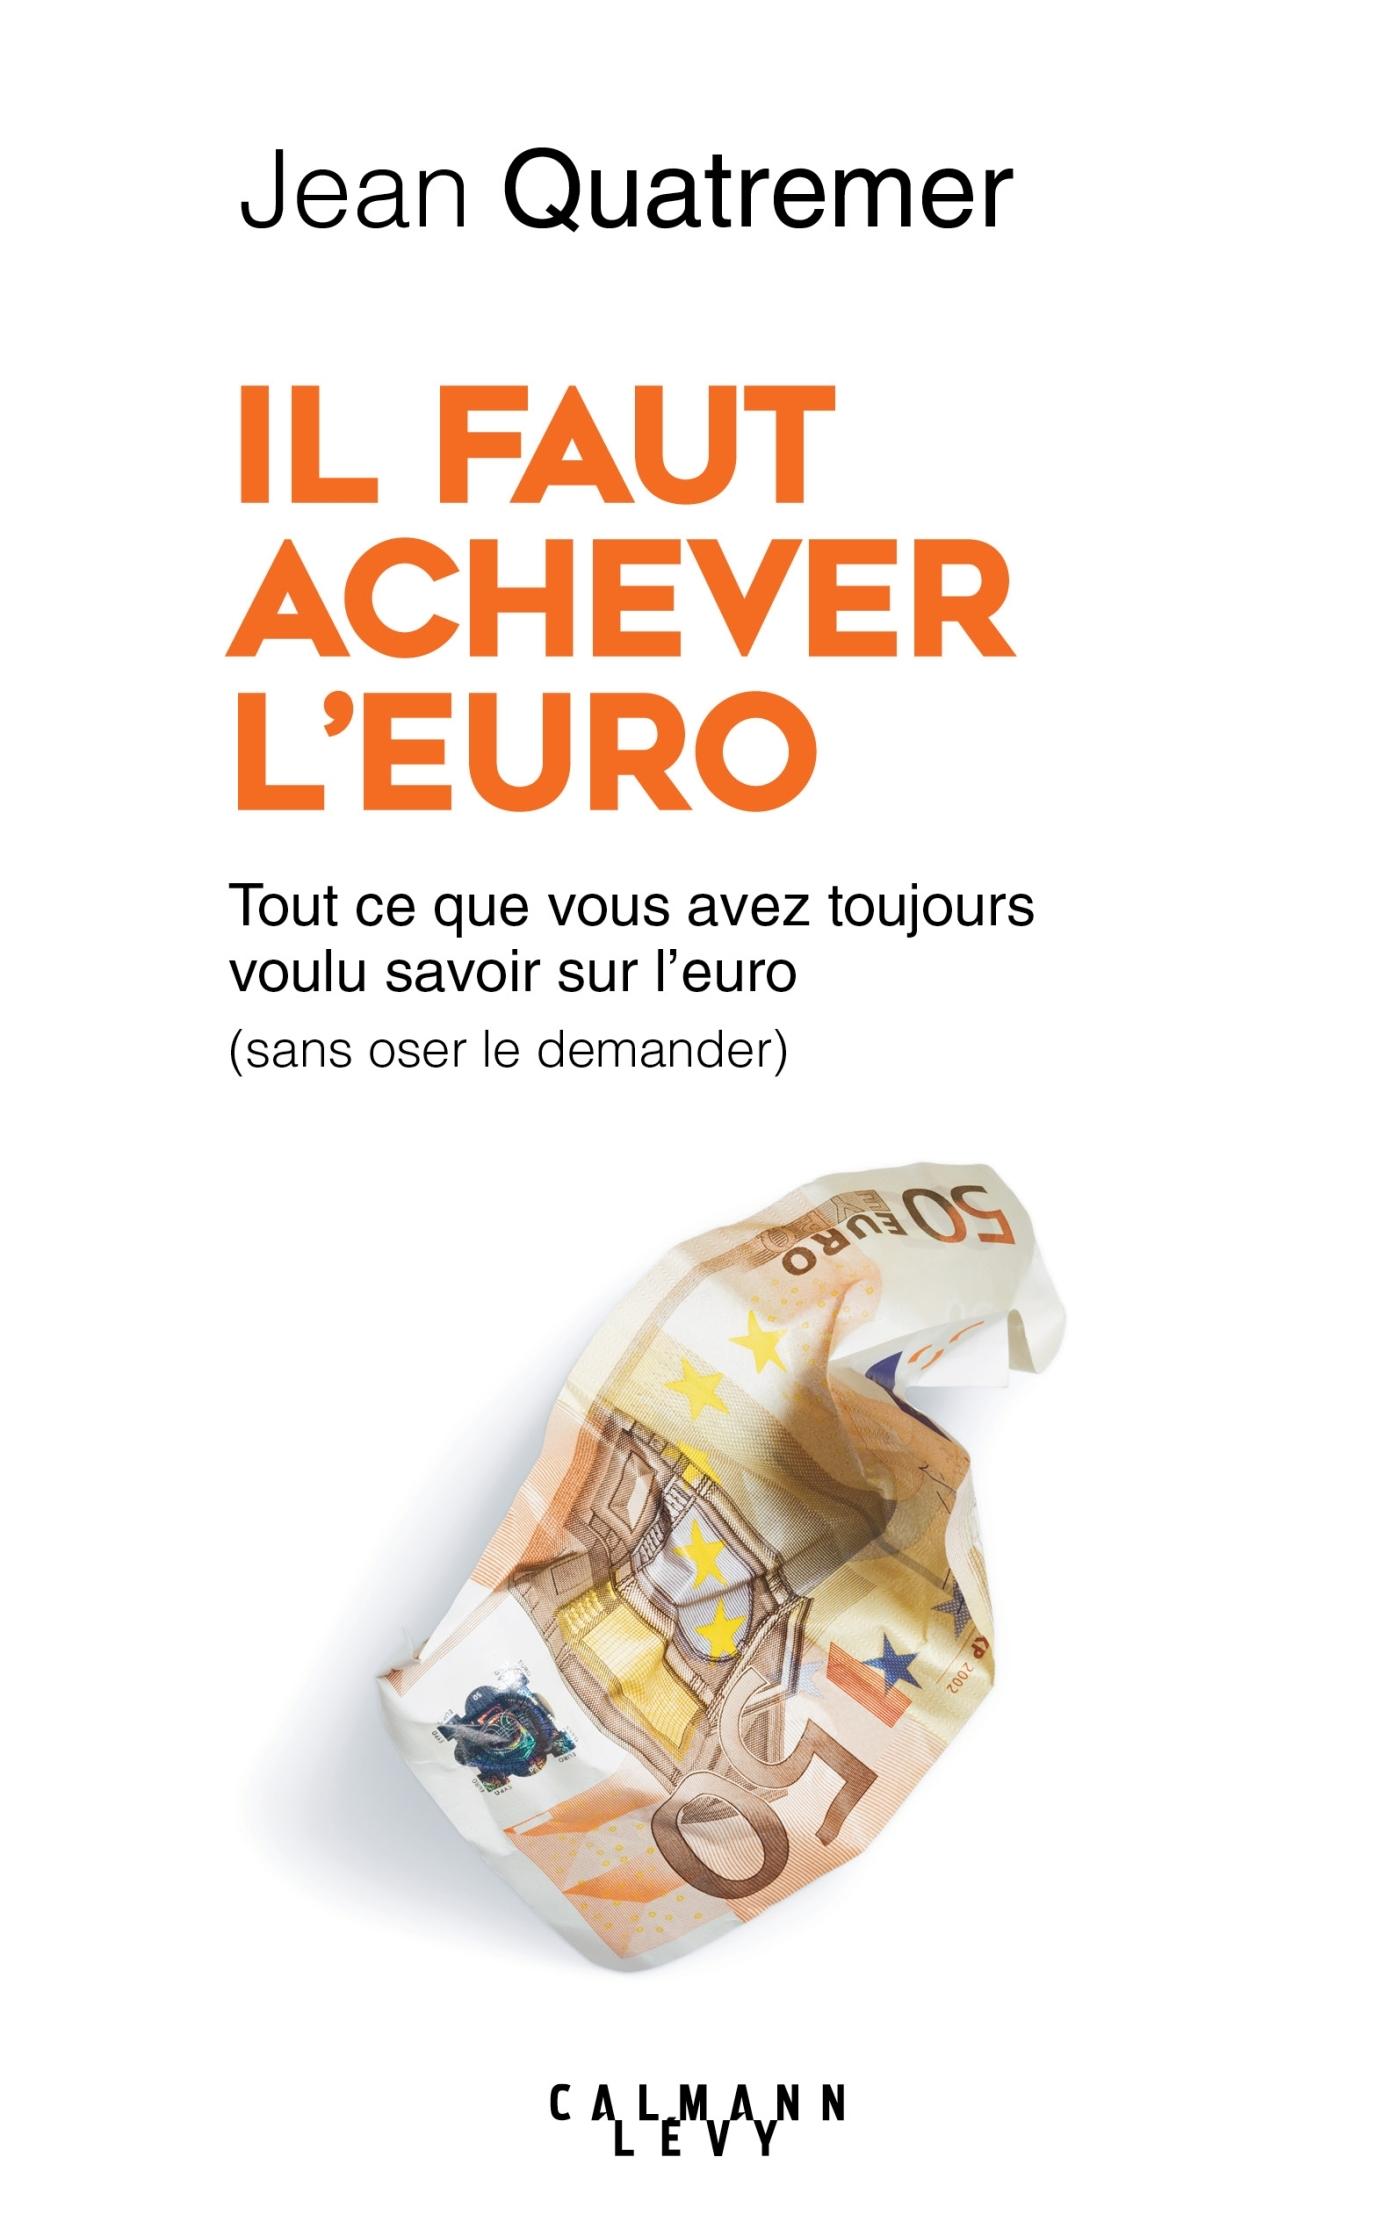 IL FAUT ACHEVER L'EURO - TOUT CE QUE VOUS AVEZ TOUJOURS VOULU SAVOIR SUR L'EURO (SANS OSER LE